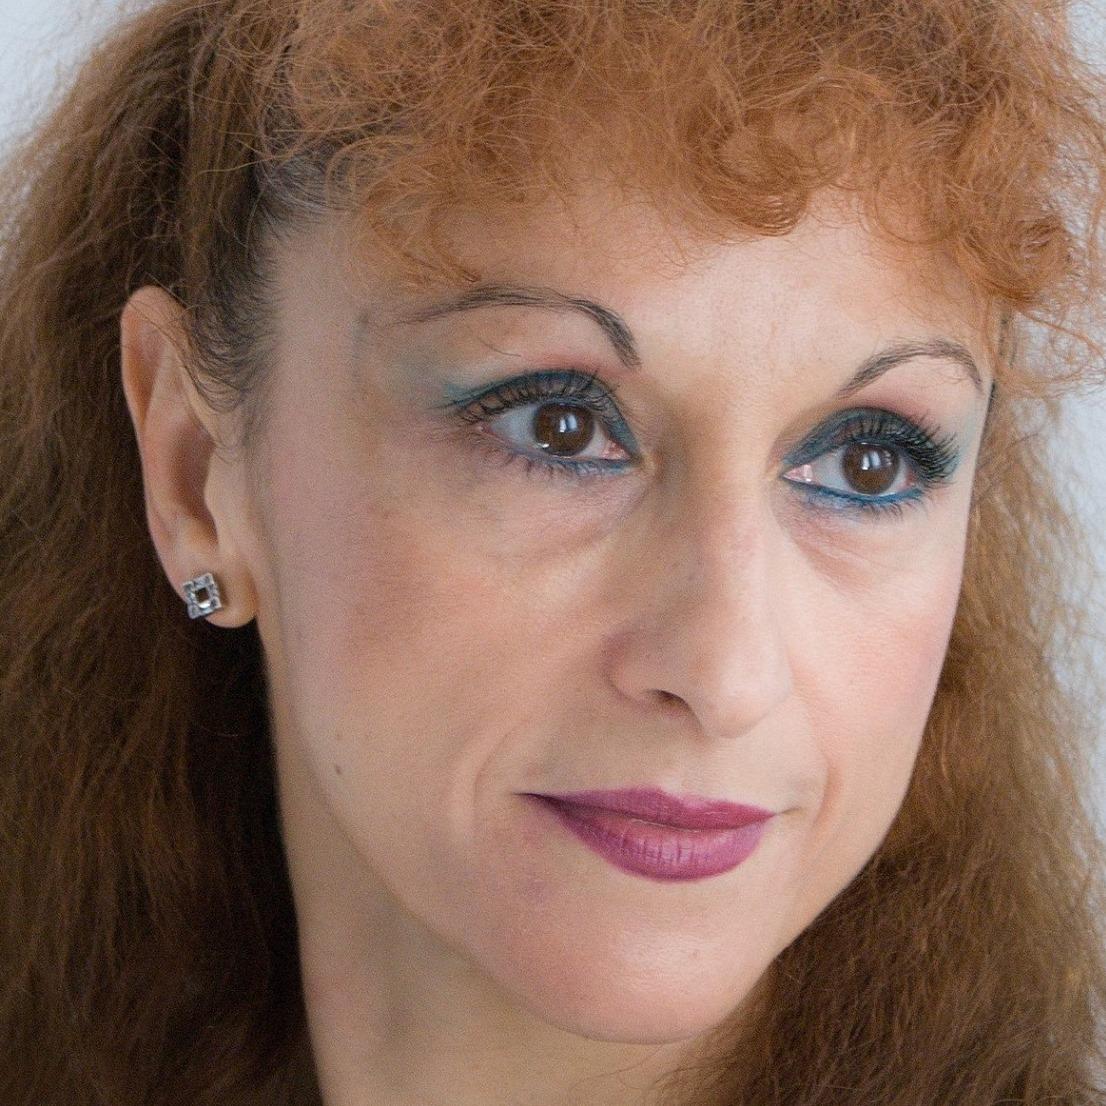 """EXCLUSIV! Interviu Tamara Constantinescu   Teatrul """"Fani Tardini"""" Galati: """"Cred ca,  cel mai important reper pentru un actor este seriozitatea"""""""